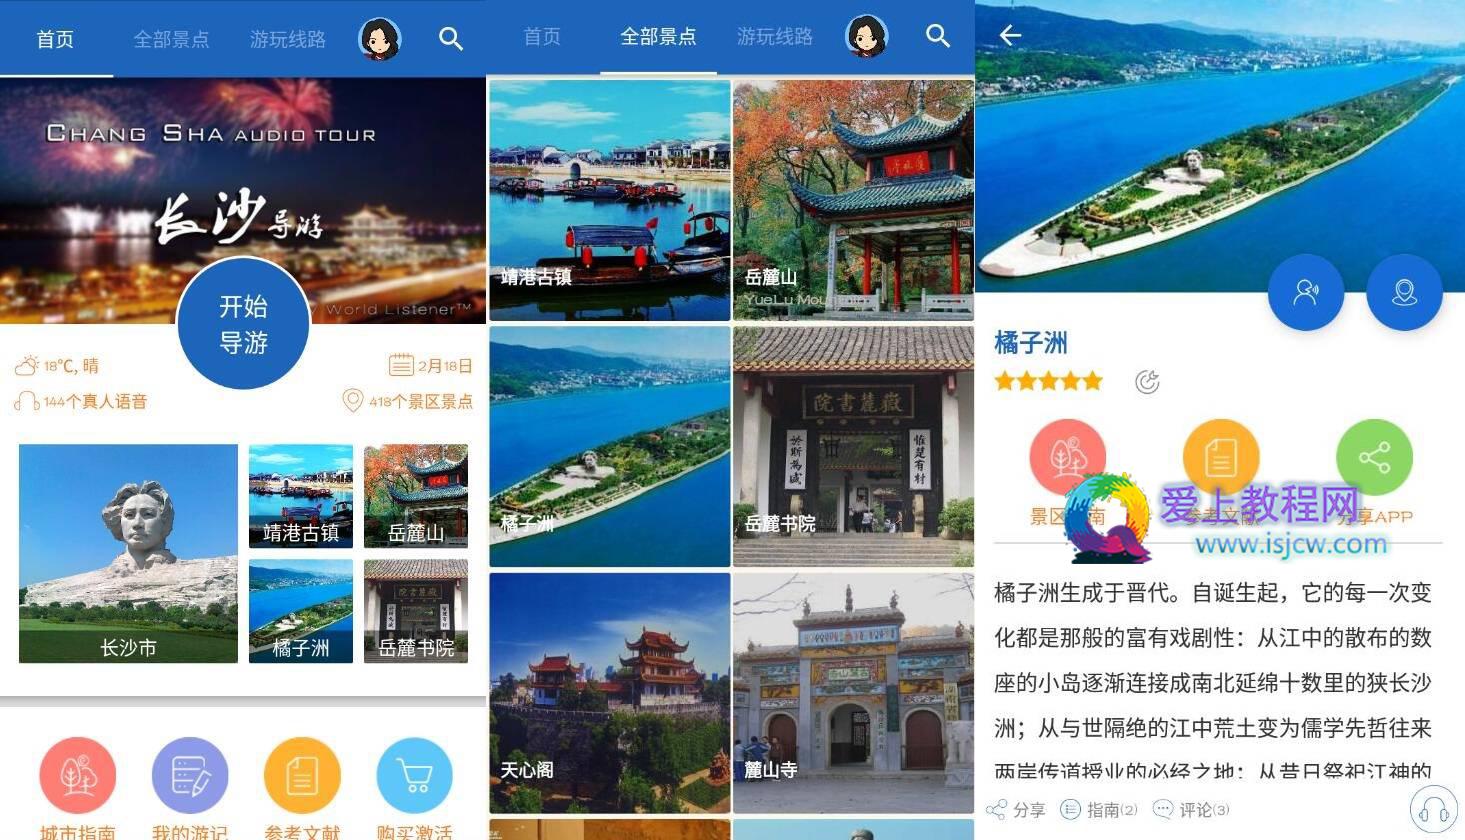 安卓长沙语音导游v6.16 为自由行而设计的旅游工具